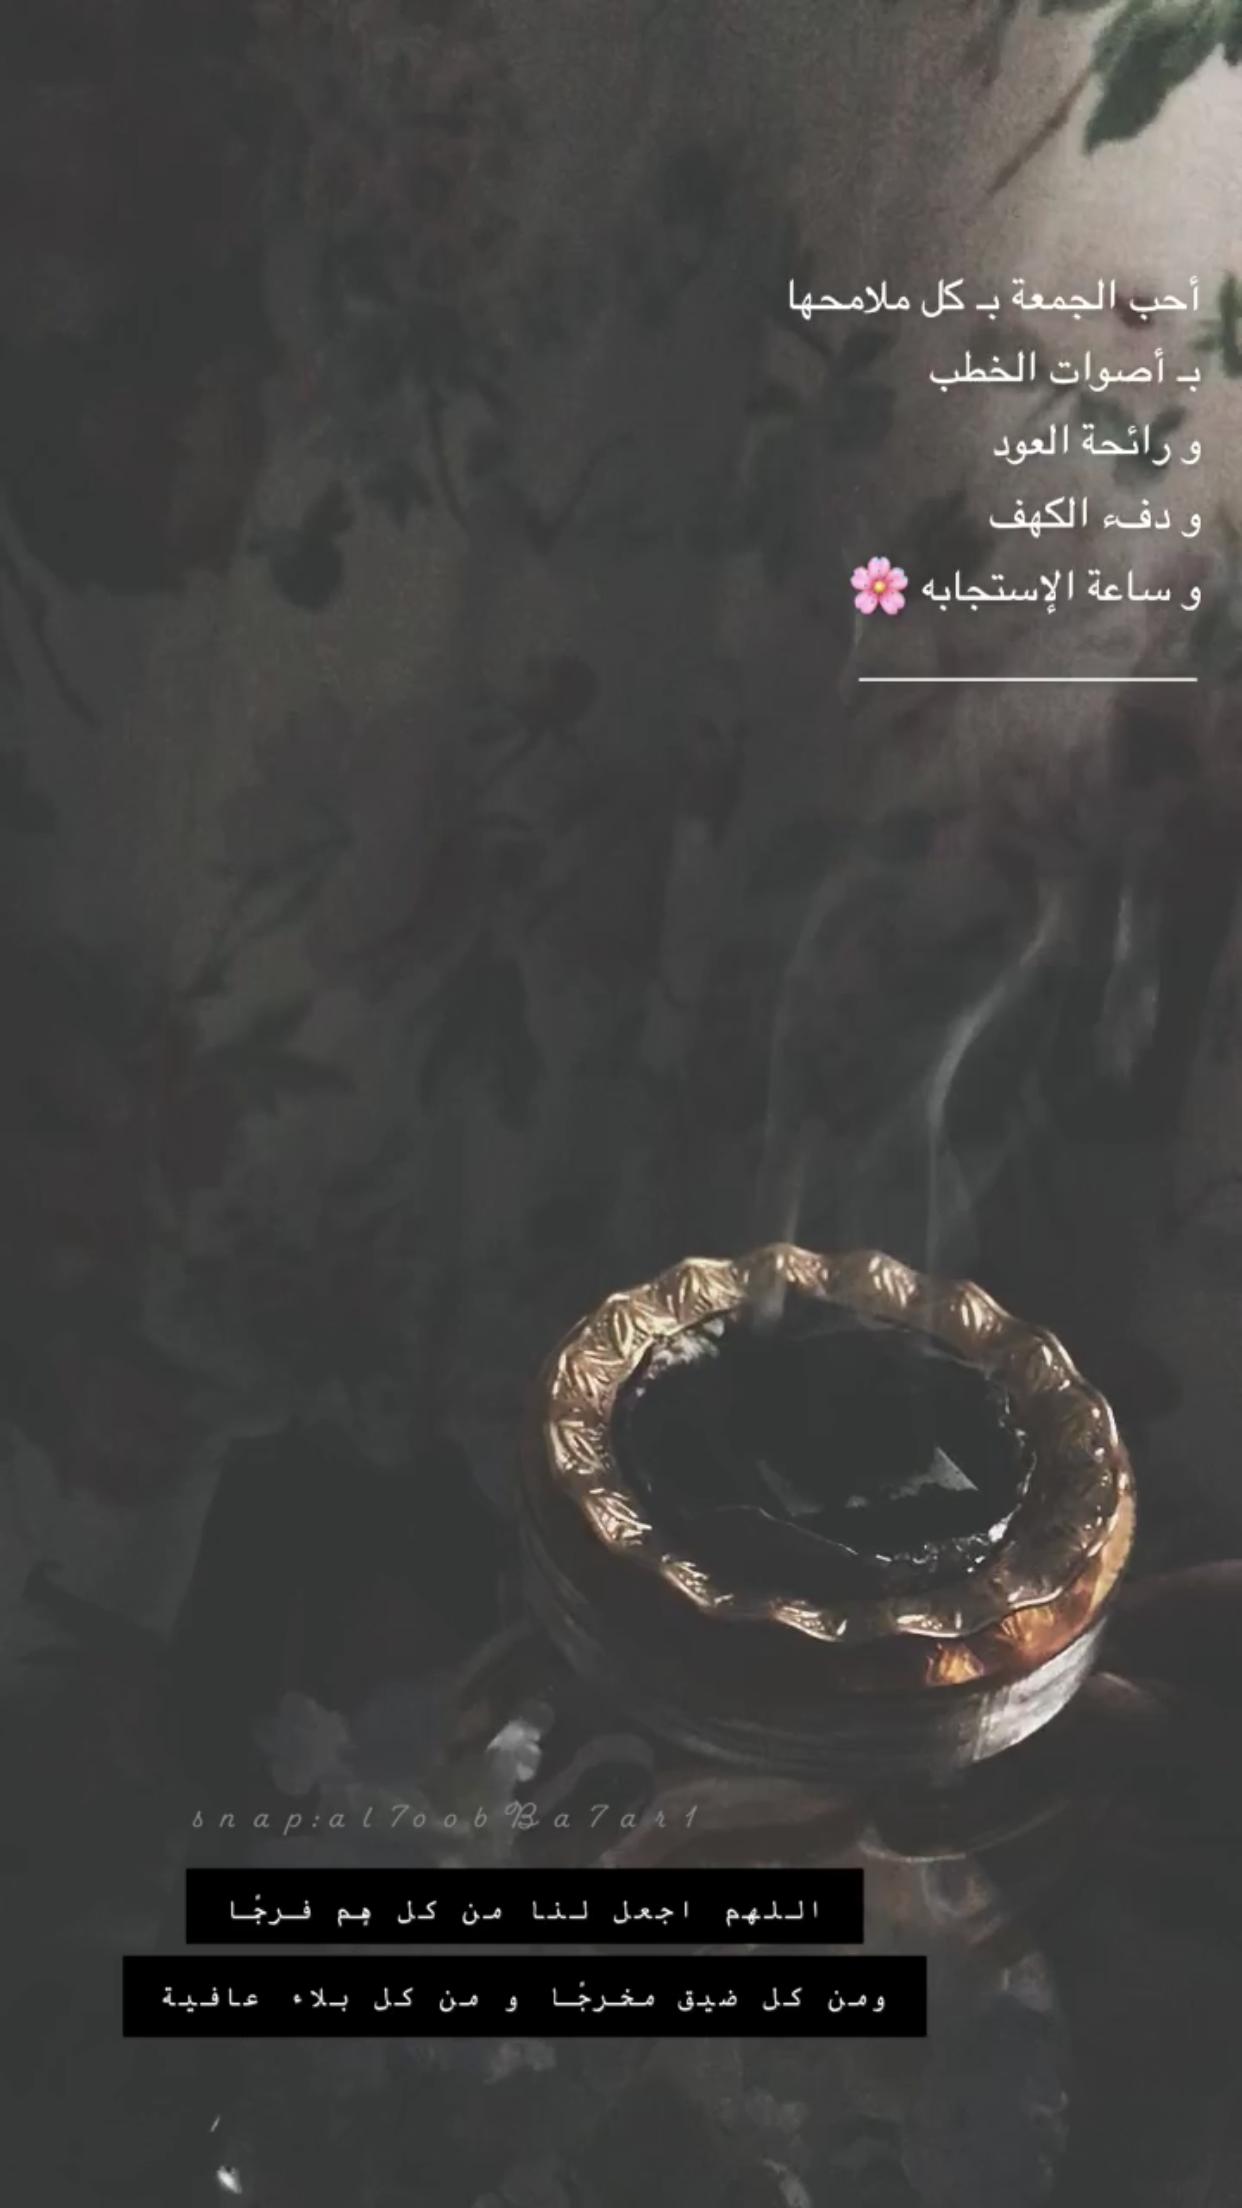 همسة أحب الجمعة بـ كل ملامحها بـ أصوات الخطب و رائحة العود و دفء الكهف و ساعة الإستجابه اللهم Beautiful Quran Quotes Funny Arabic Quotes Quran Quotes